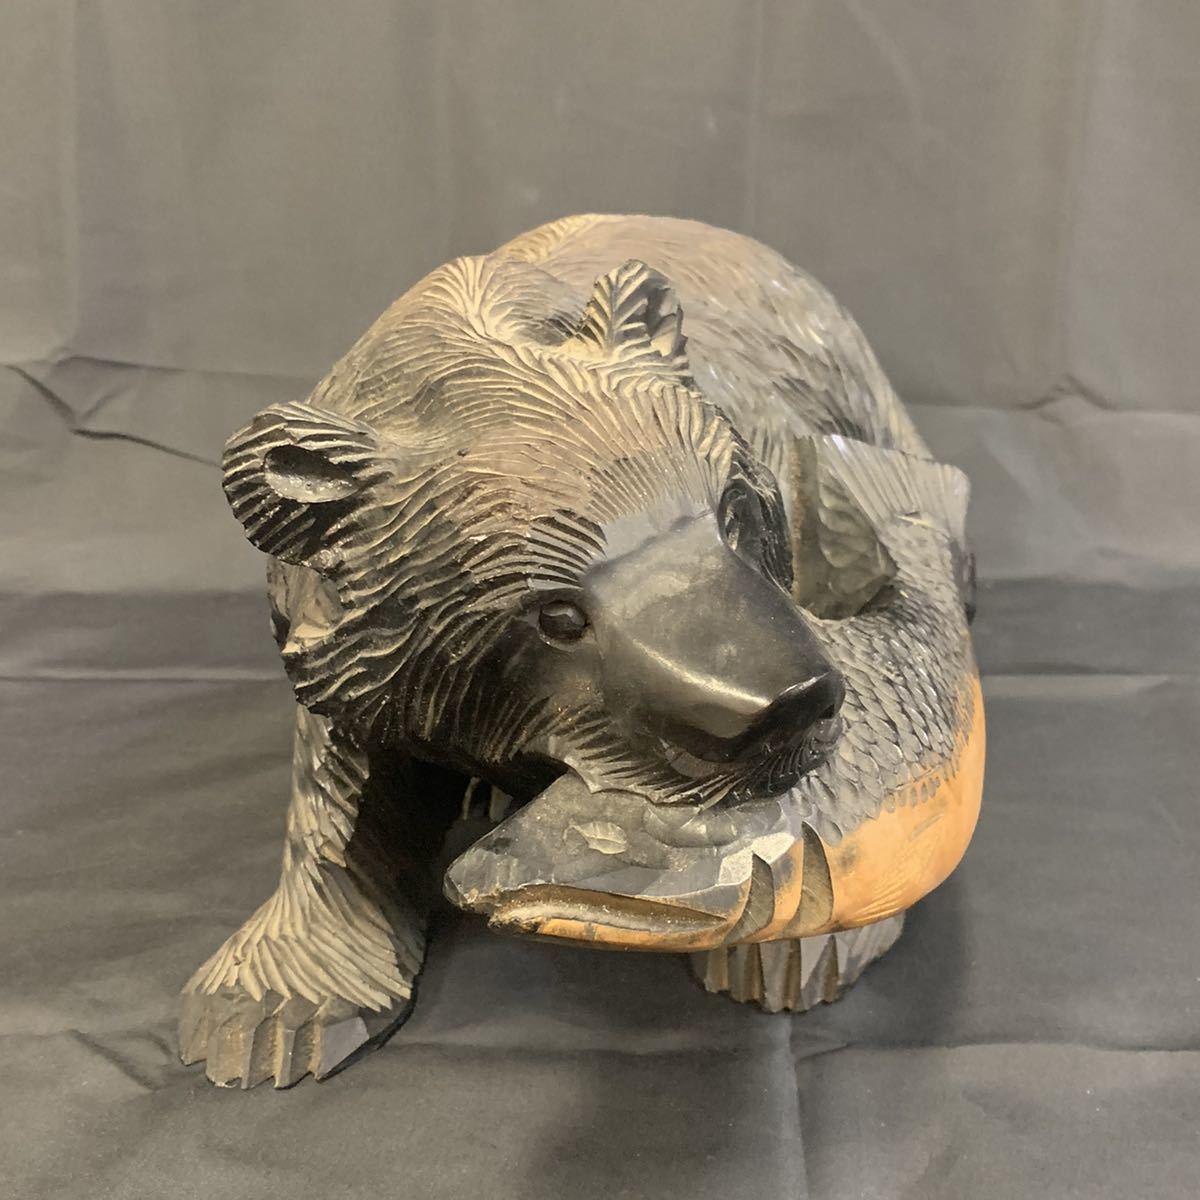 空89)木彫りの熊 くま 北海道 民芸品_画像2